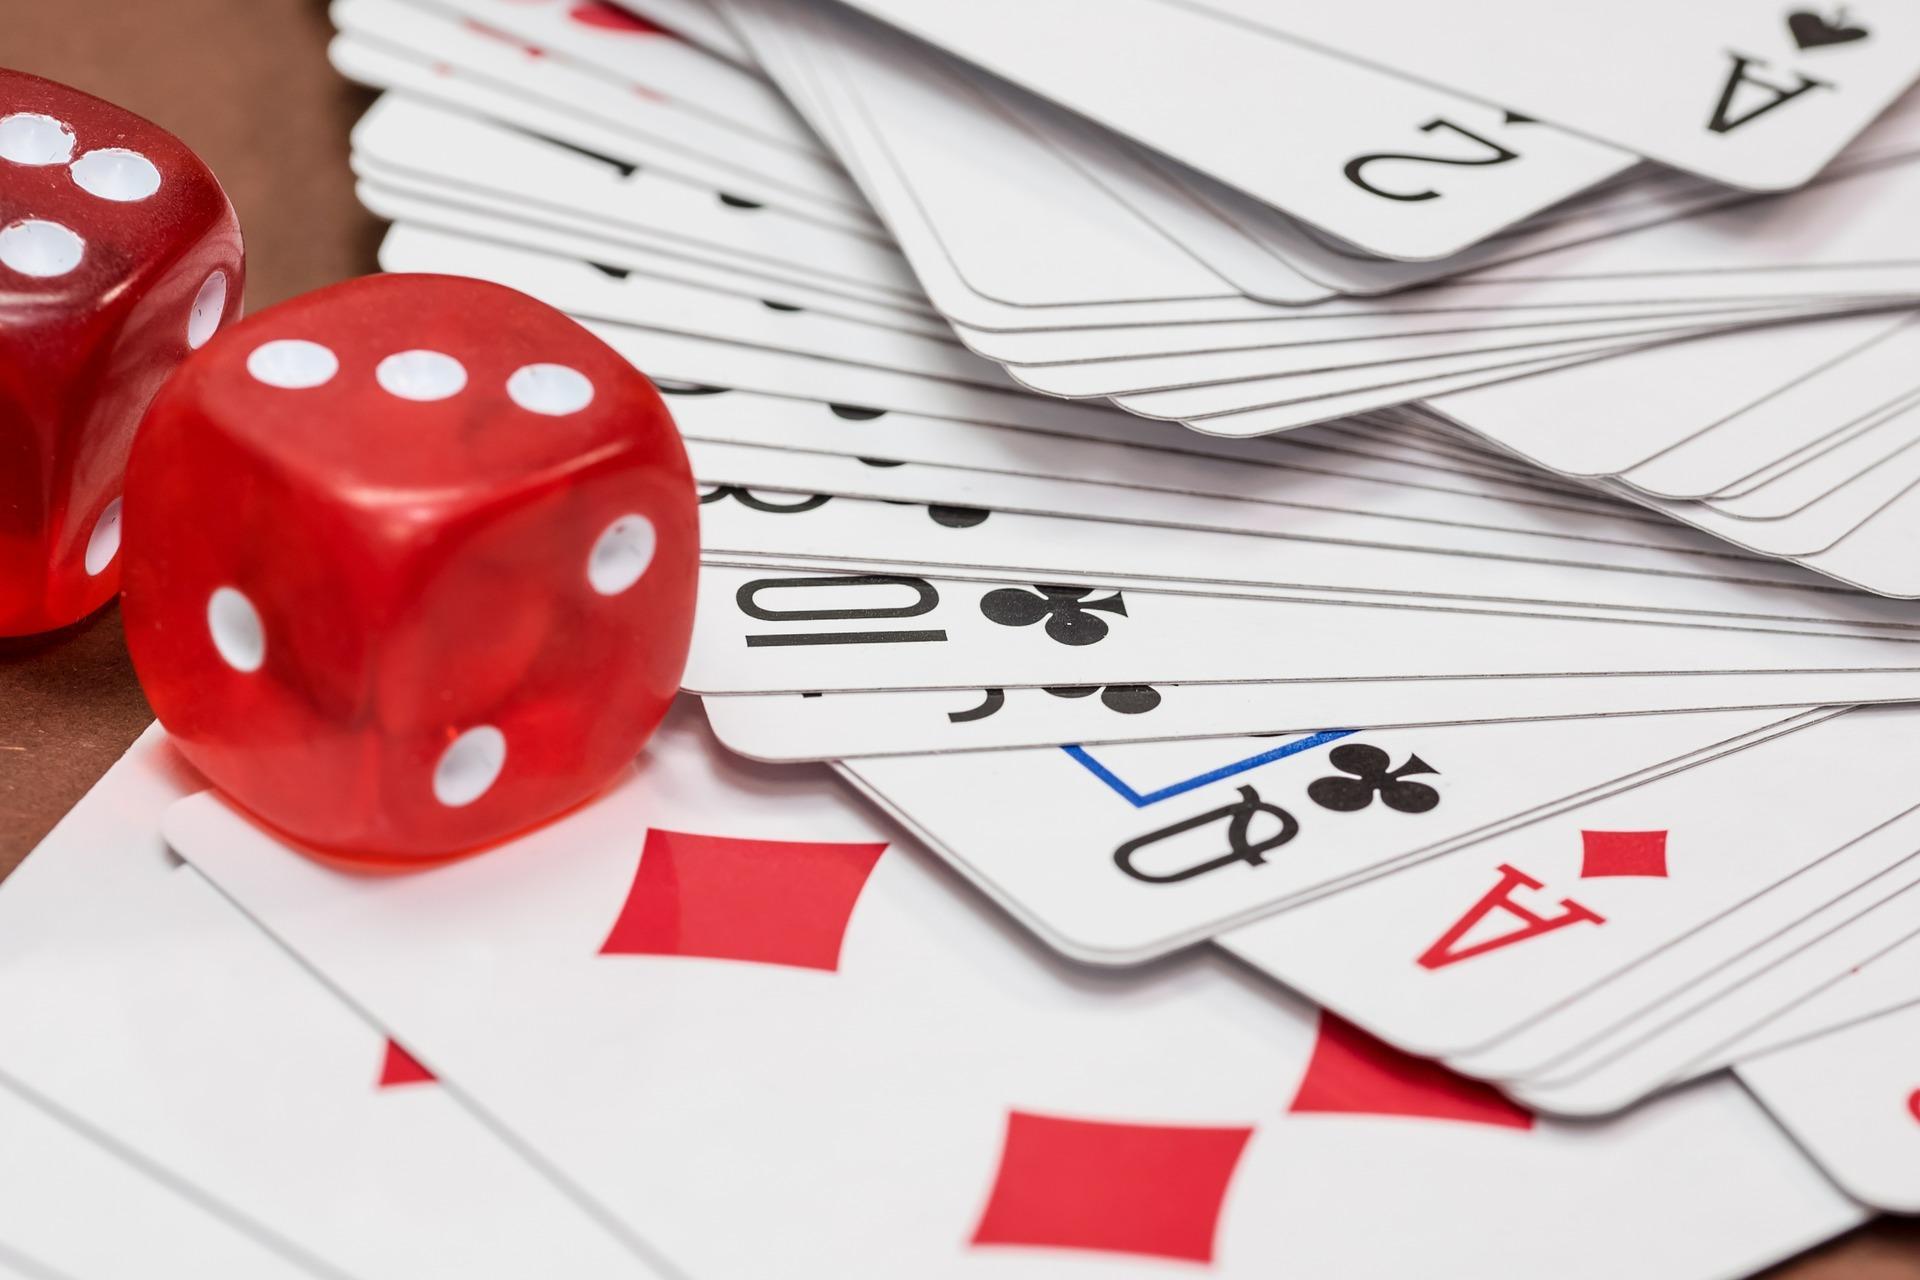 Impuestos por ganancias en casinos faces online 292433